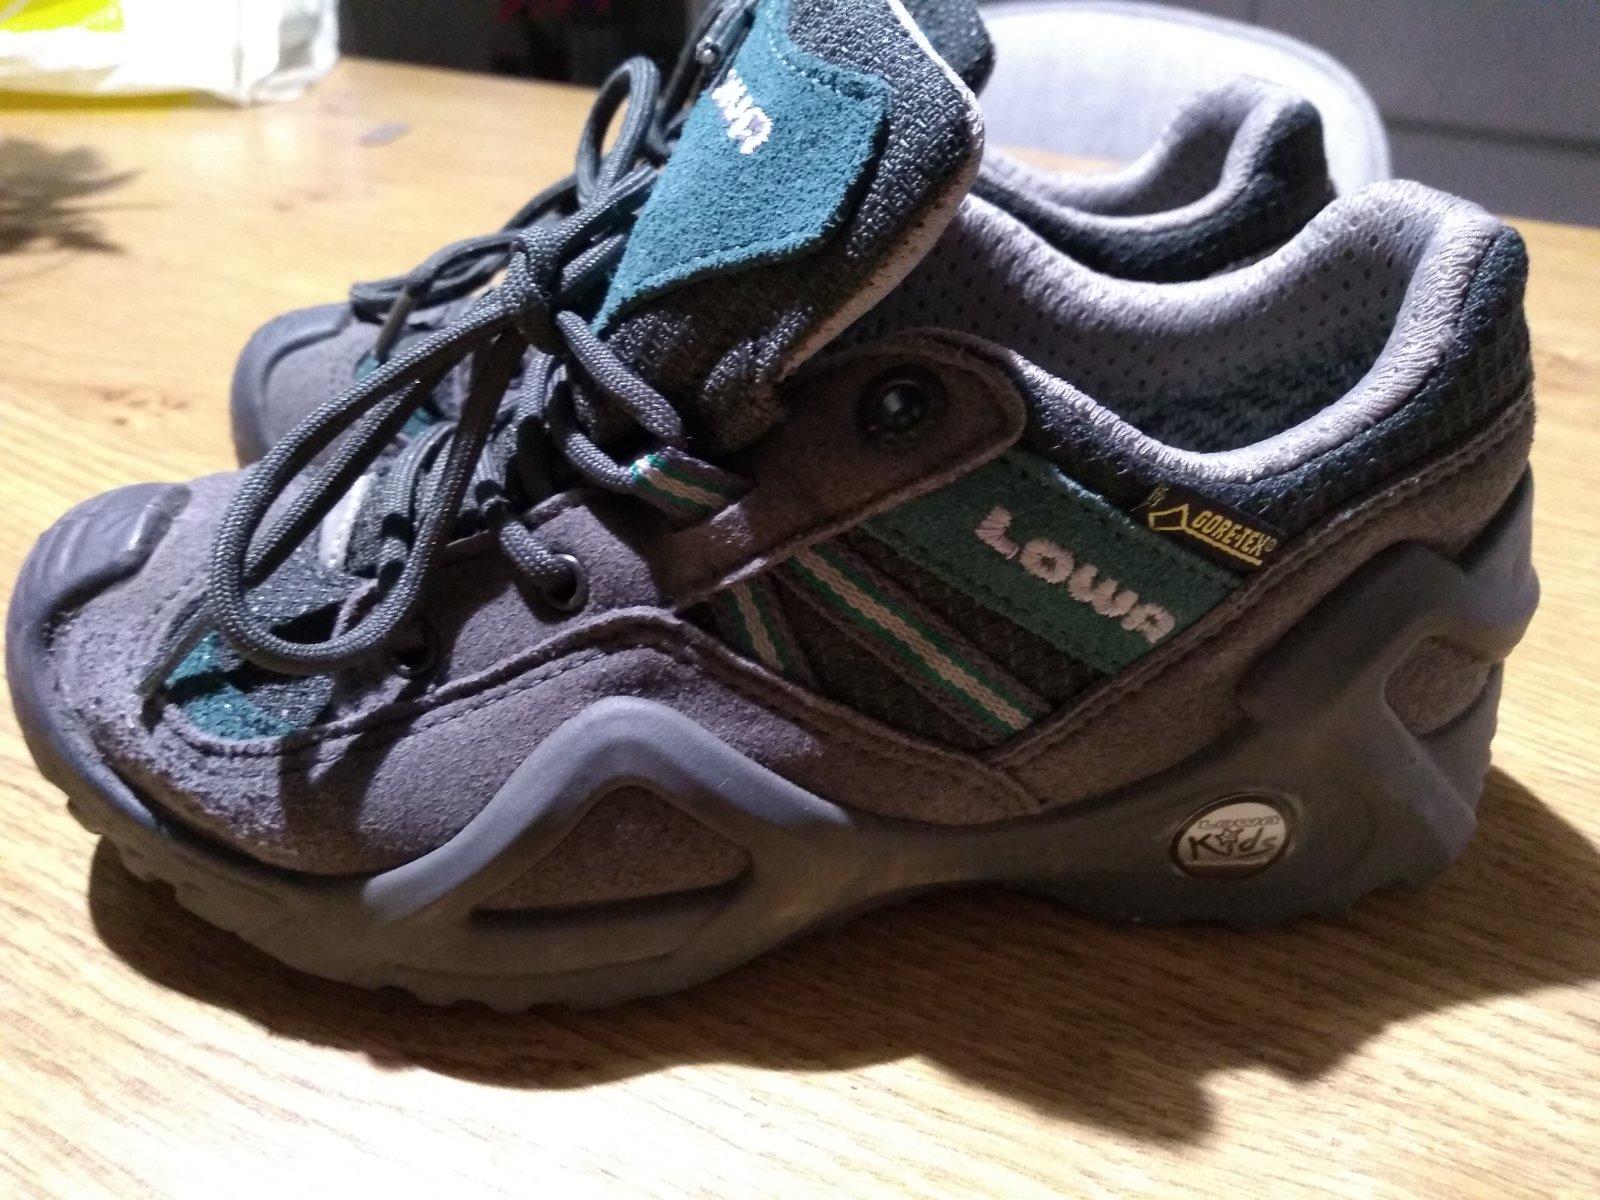 368ed5a7d Kvalitné topánky zn. lowa, 31 - 20 € od predávajúcej dominika372 | Detský  bazár | ModryKonik.sk